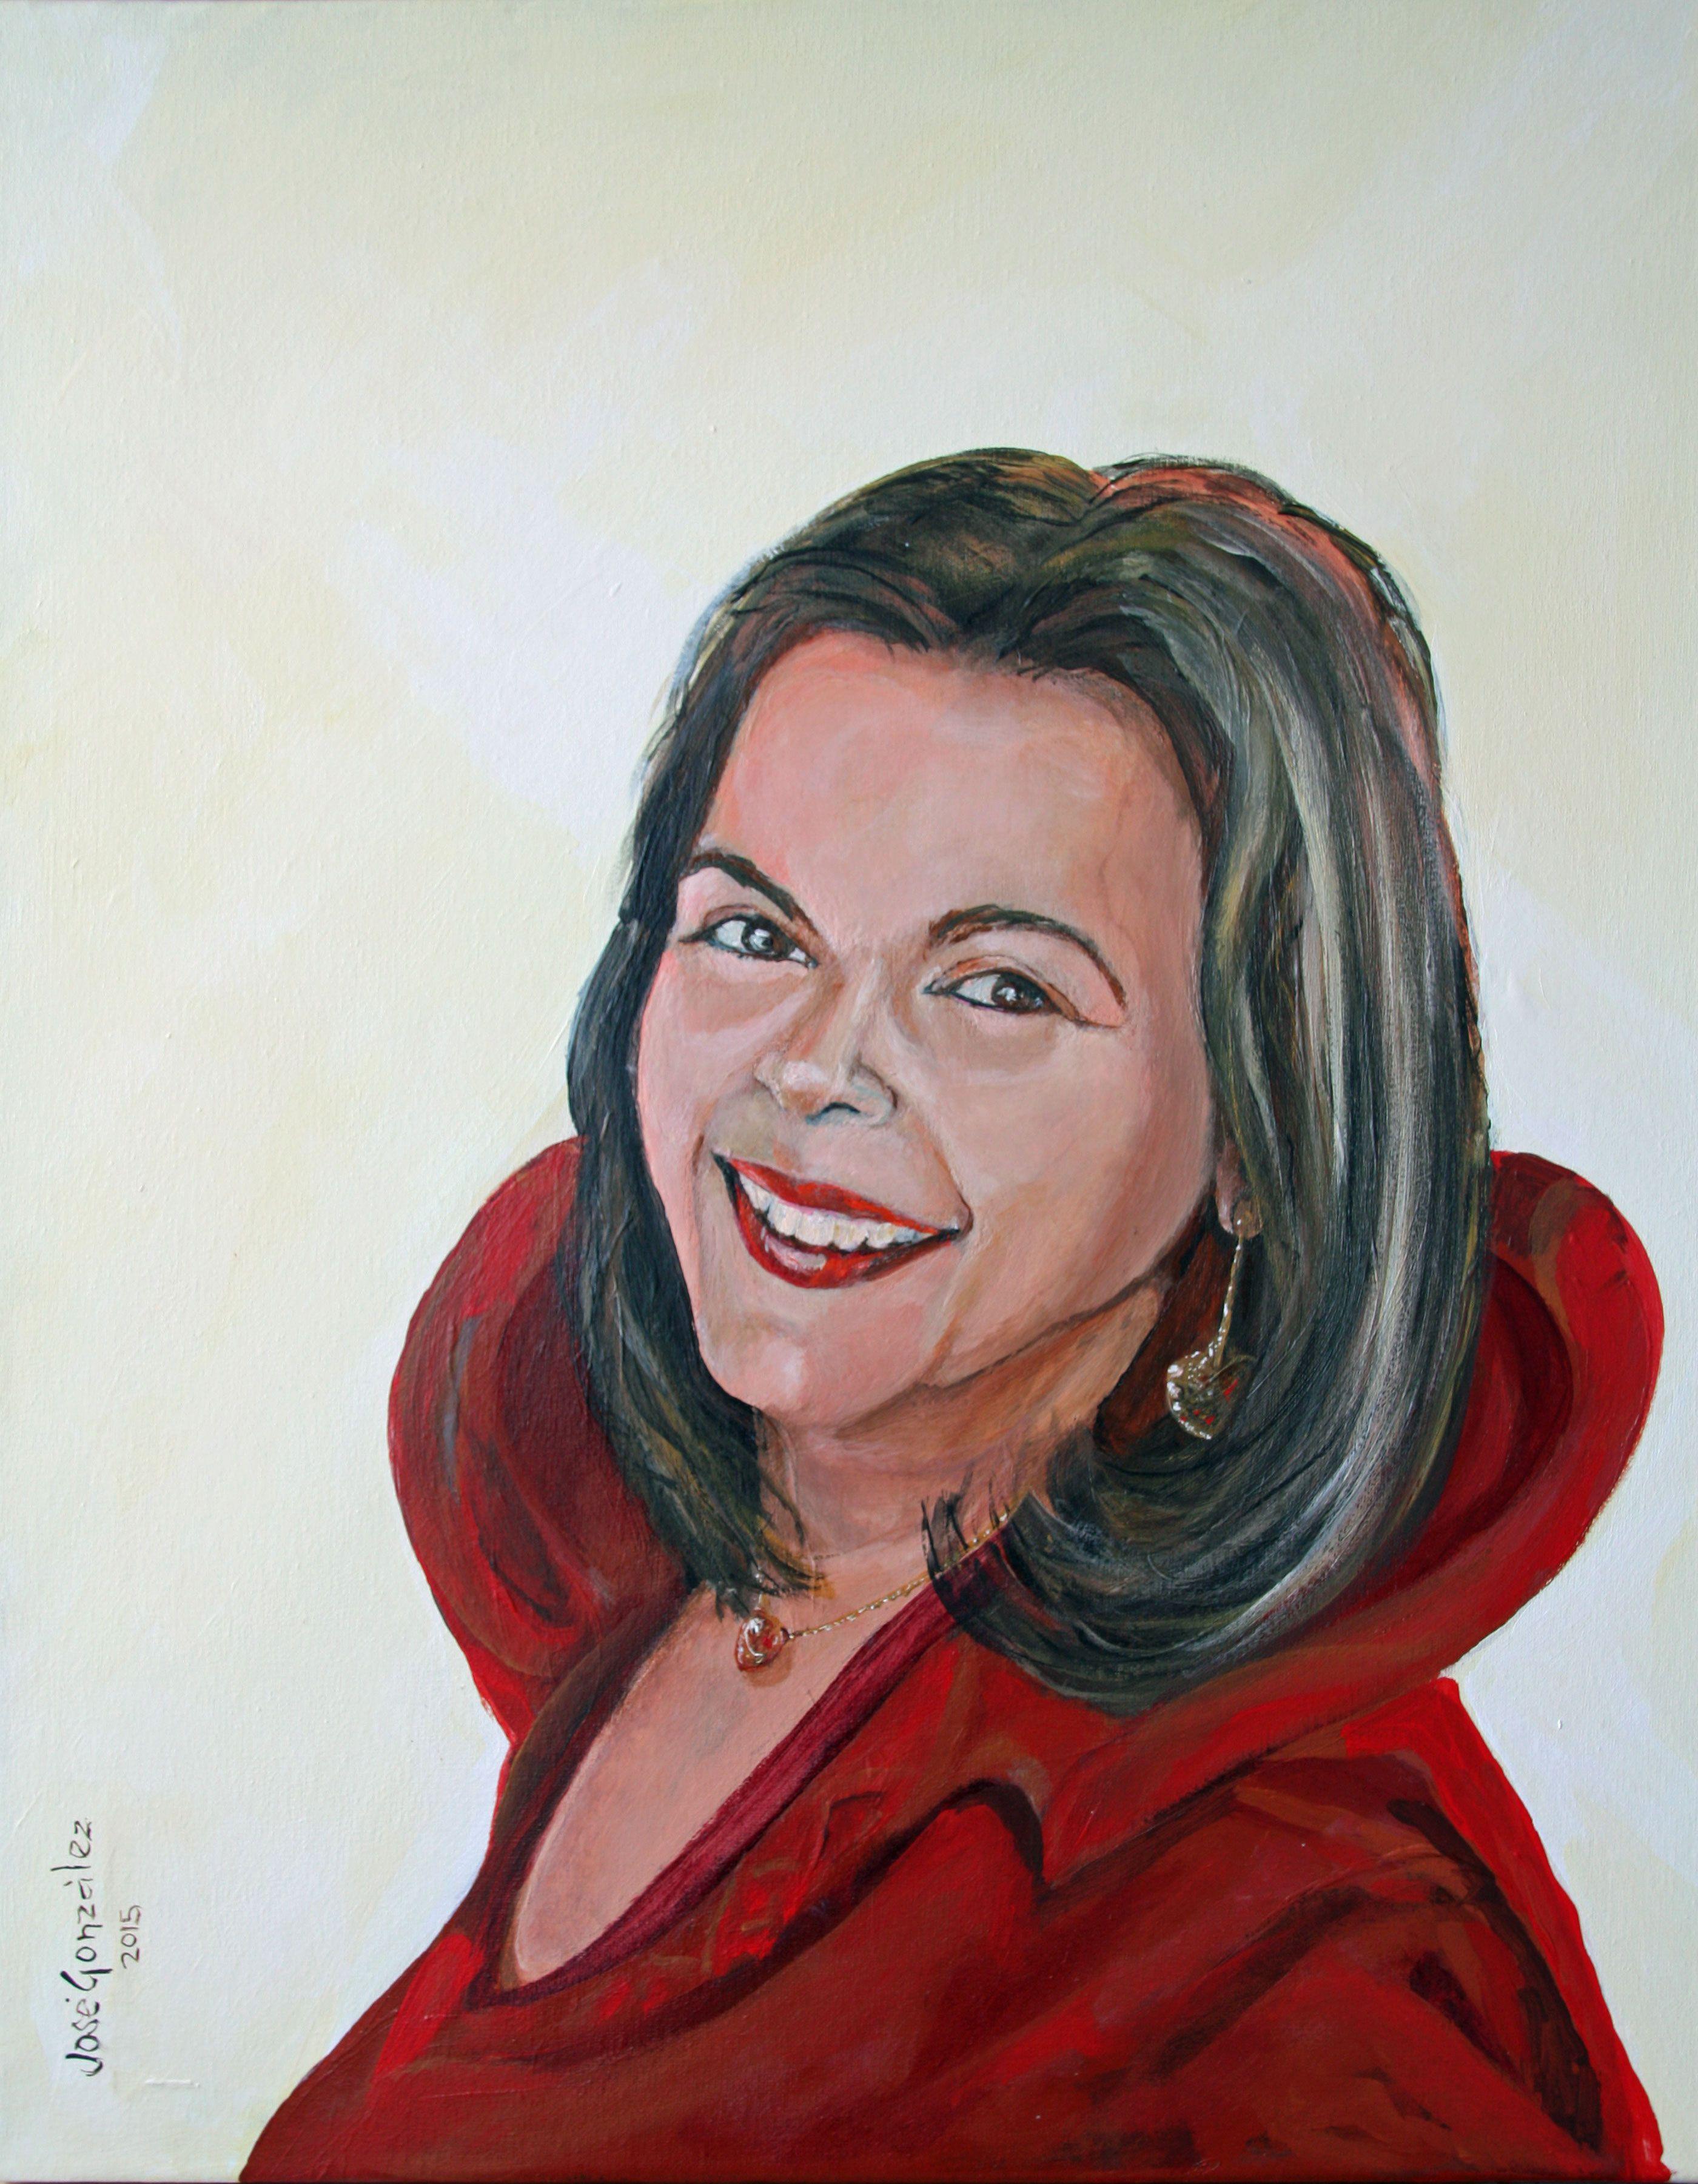 Cristina Acryl op doek 40x50 cm José González 2015